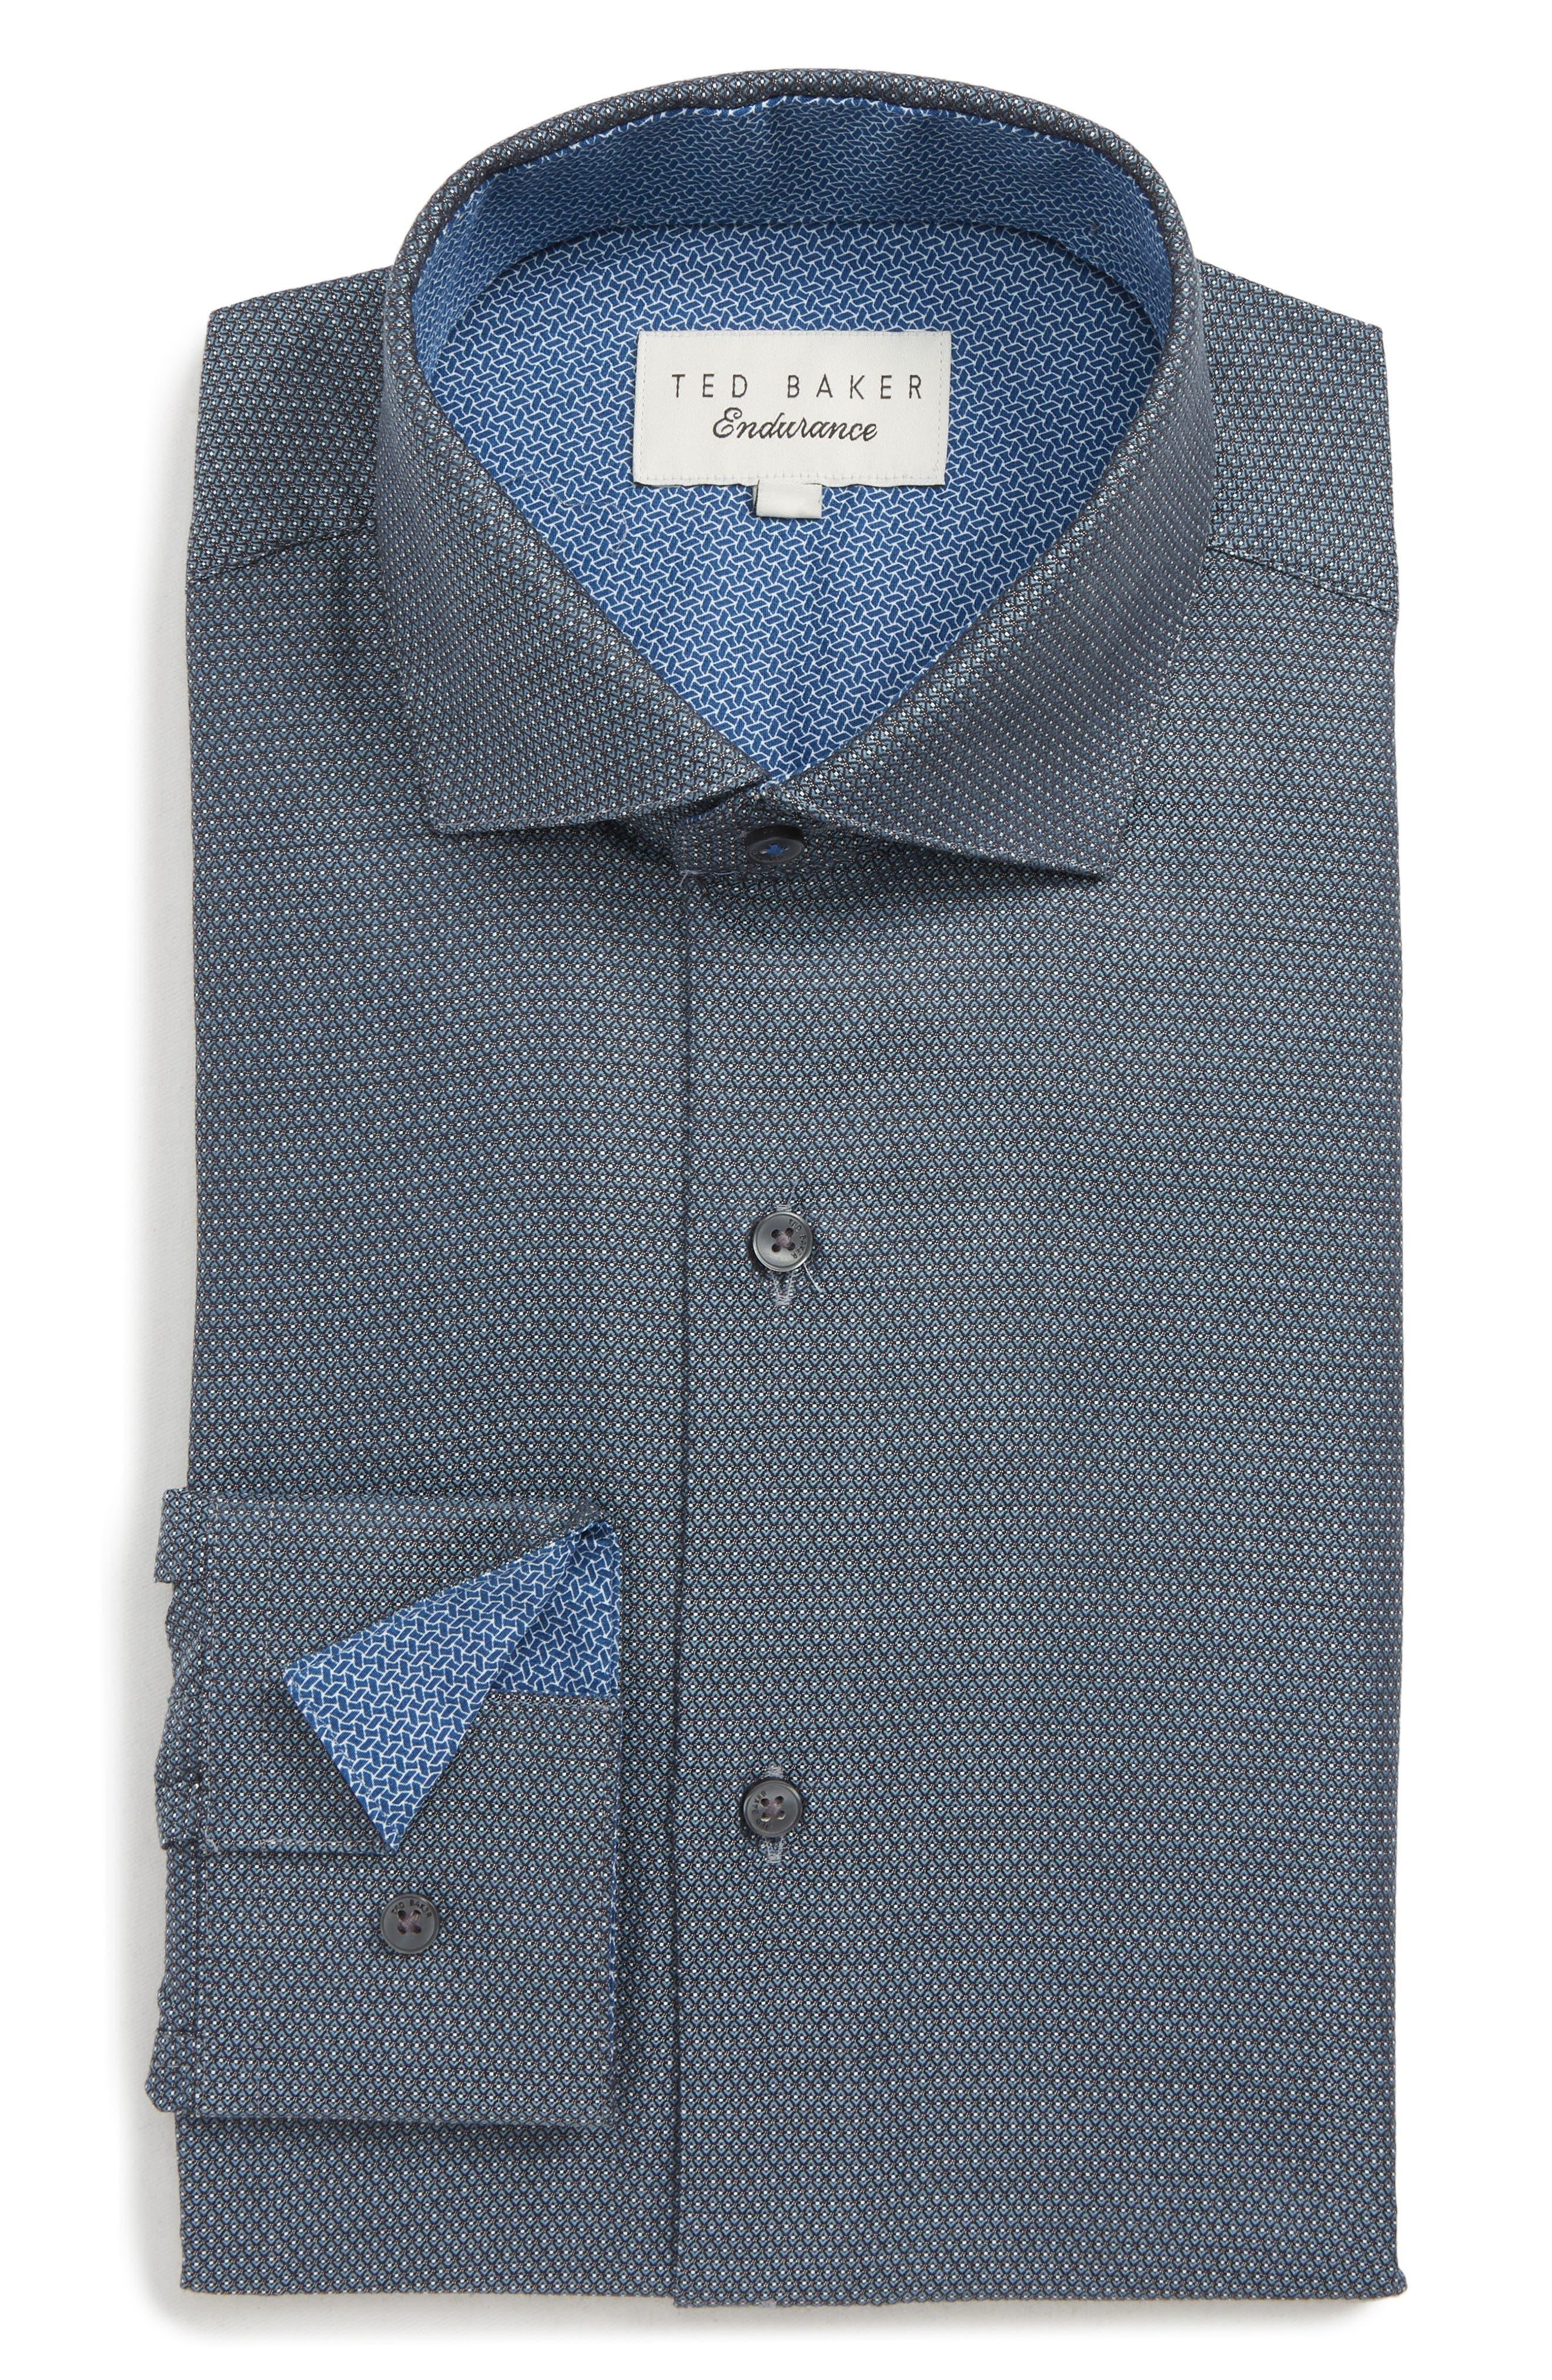 Coorm Trim Fit Geometric Dress Shirt,                             Main thumbnail 1, color,                             BLACK